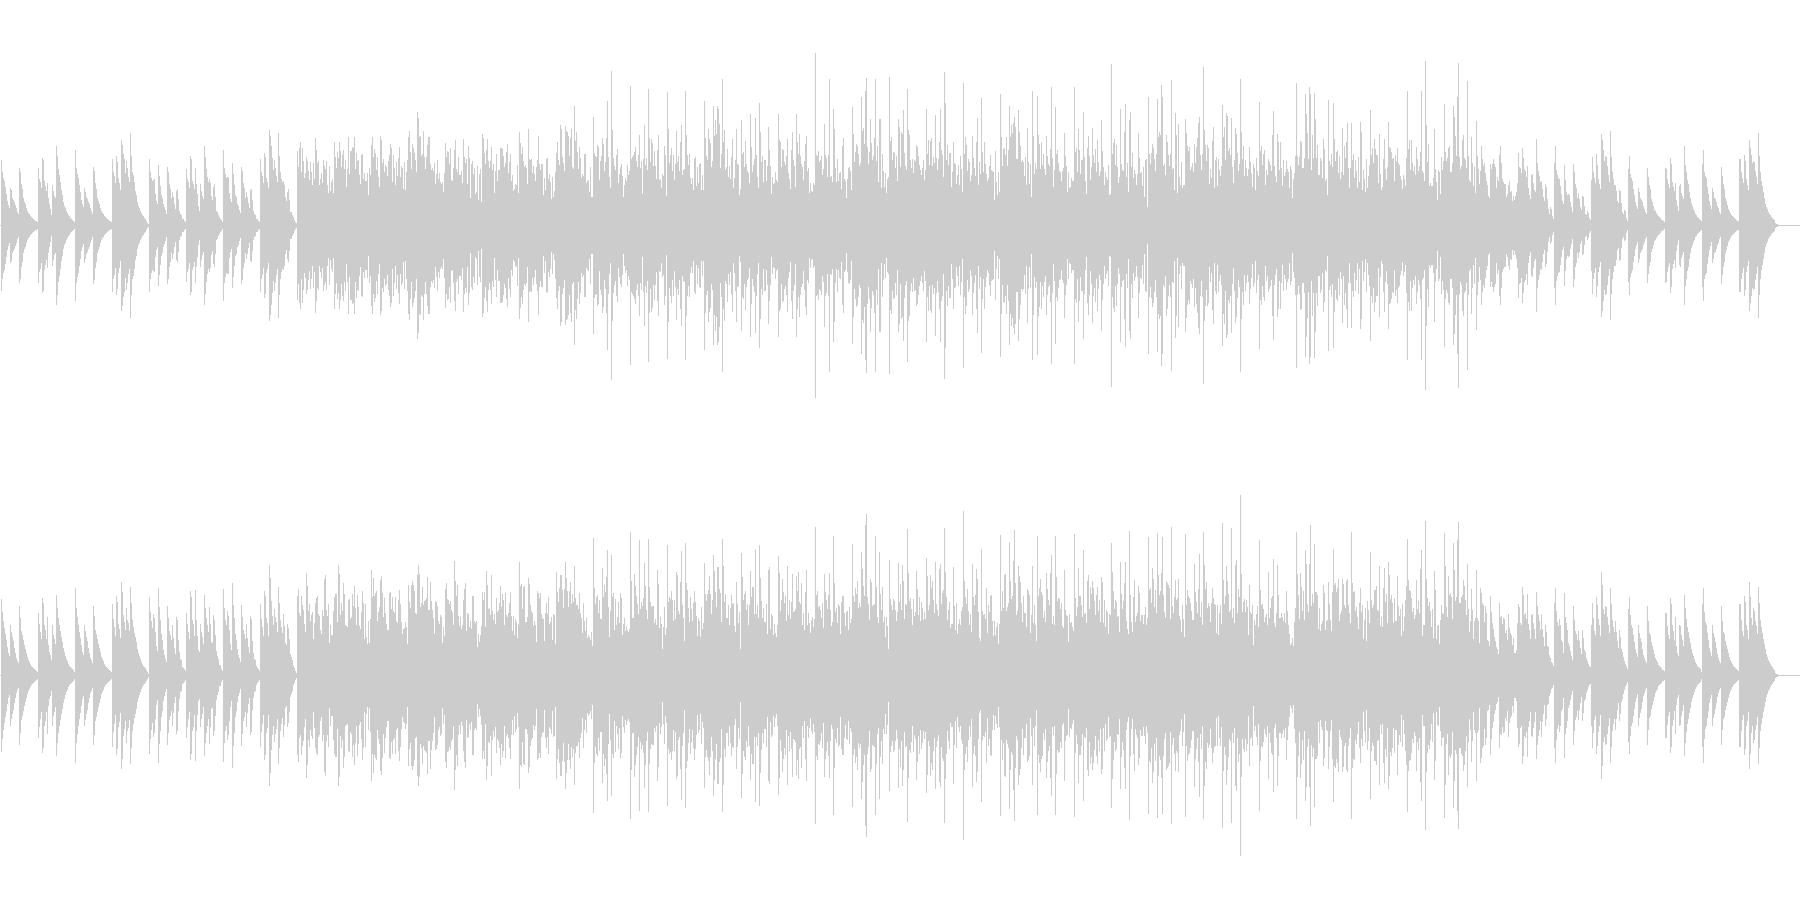 寂しくて暗めな電子ピアノのループの未再生の波形